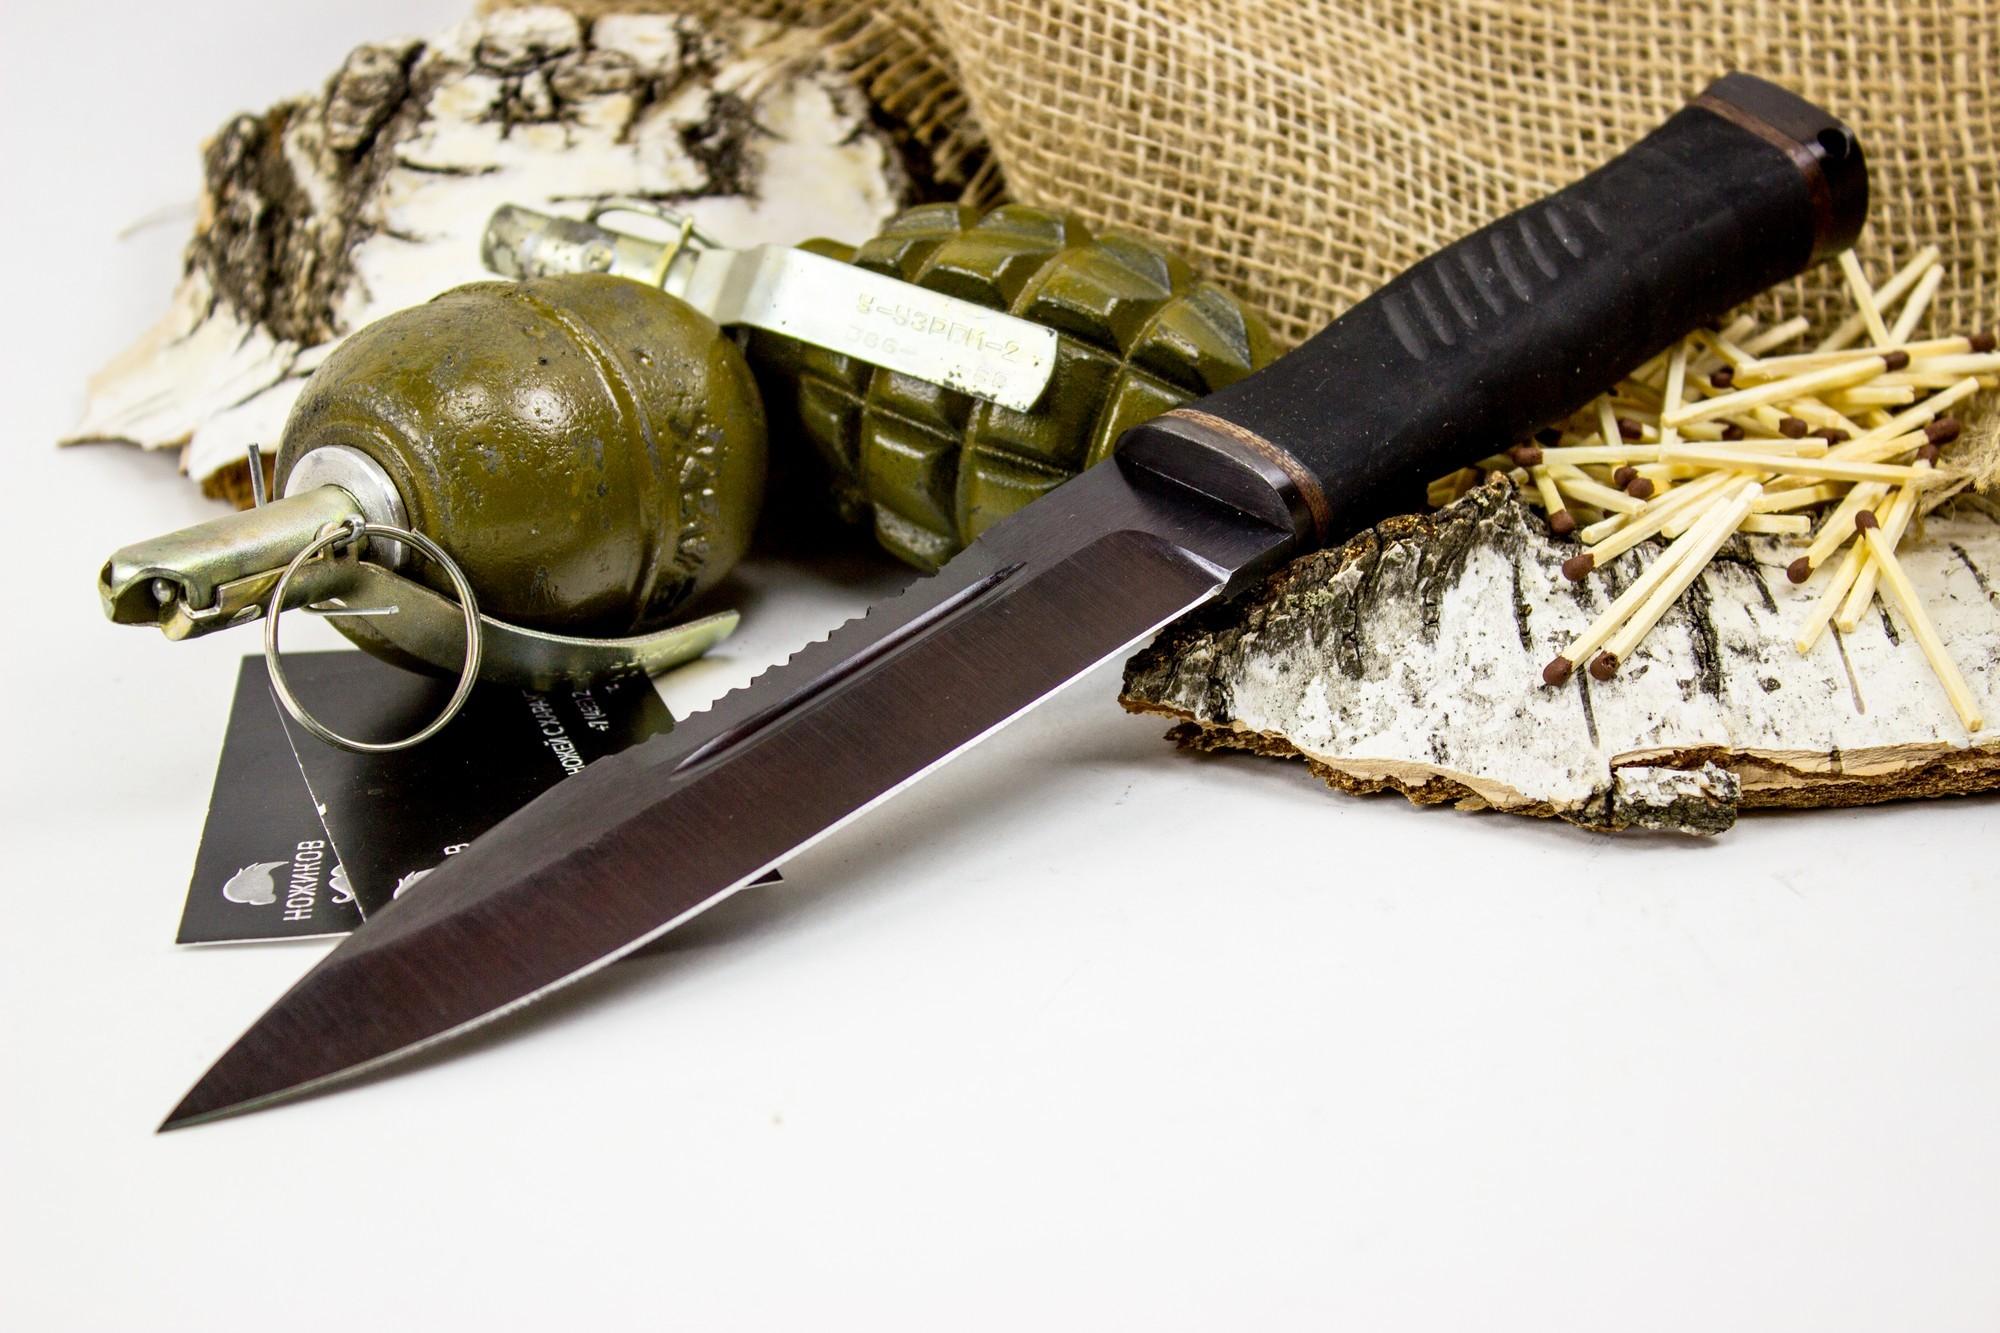 Фото 2 - Нож Казак-2, сталь 65Г, резина от Титов и Солдатова